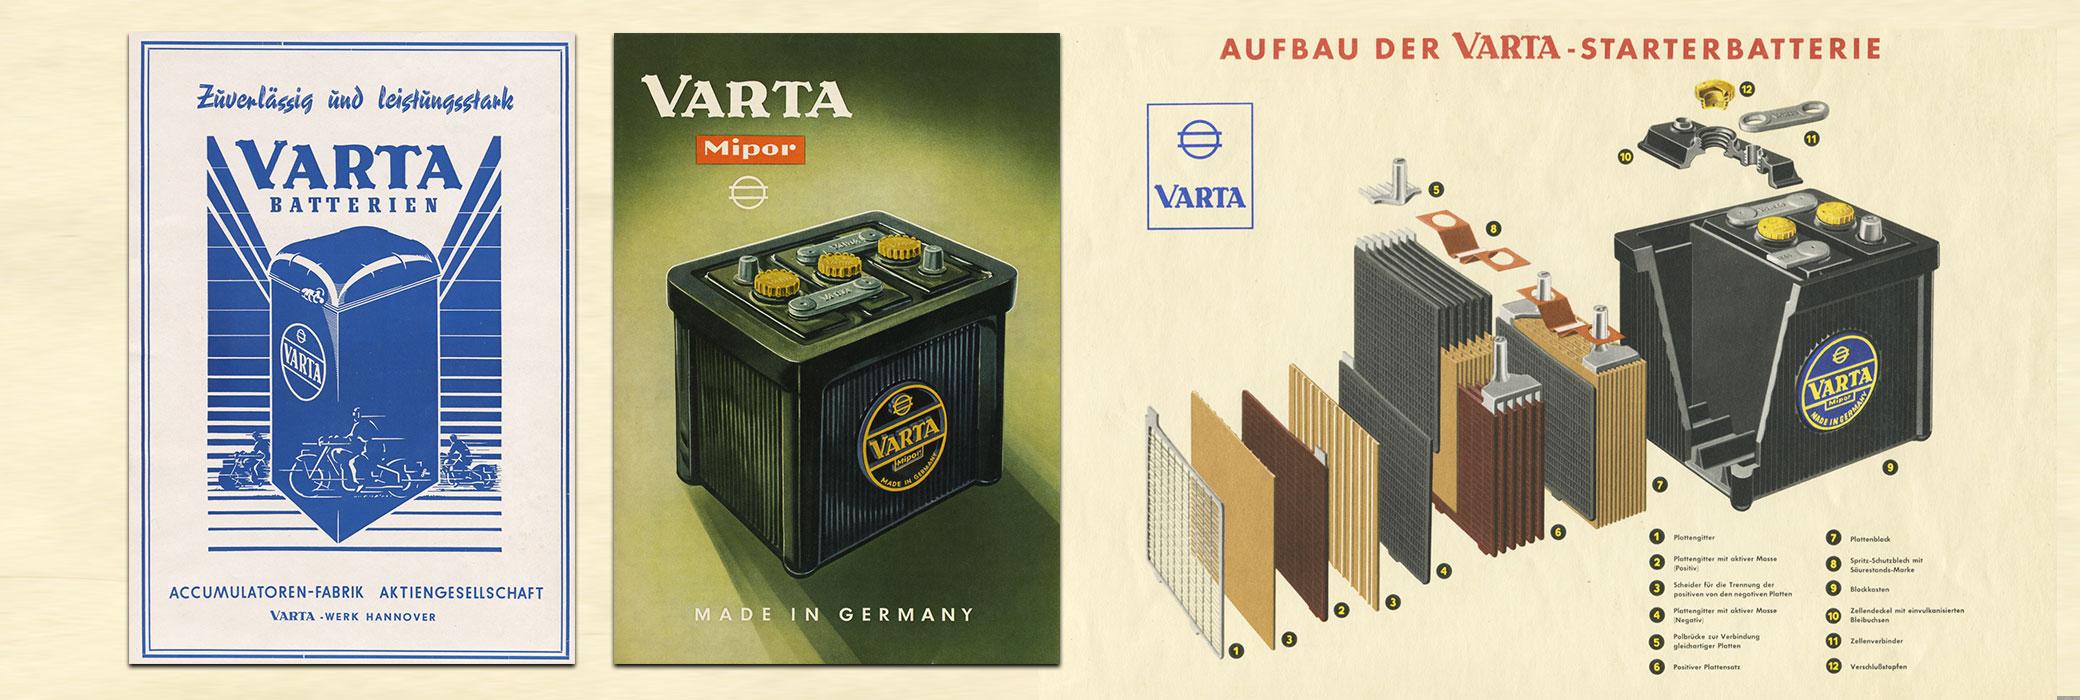 Twee VARTA® posters aan de linkerkant en de uitsnede van een batterij rechts